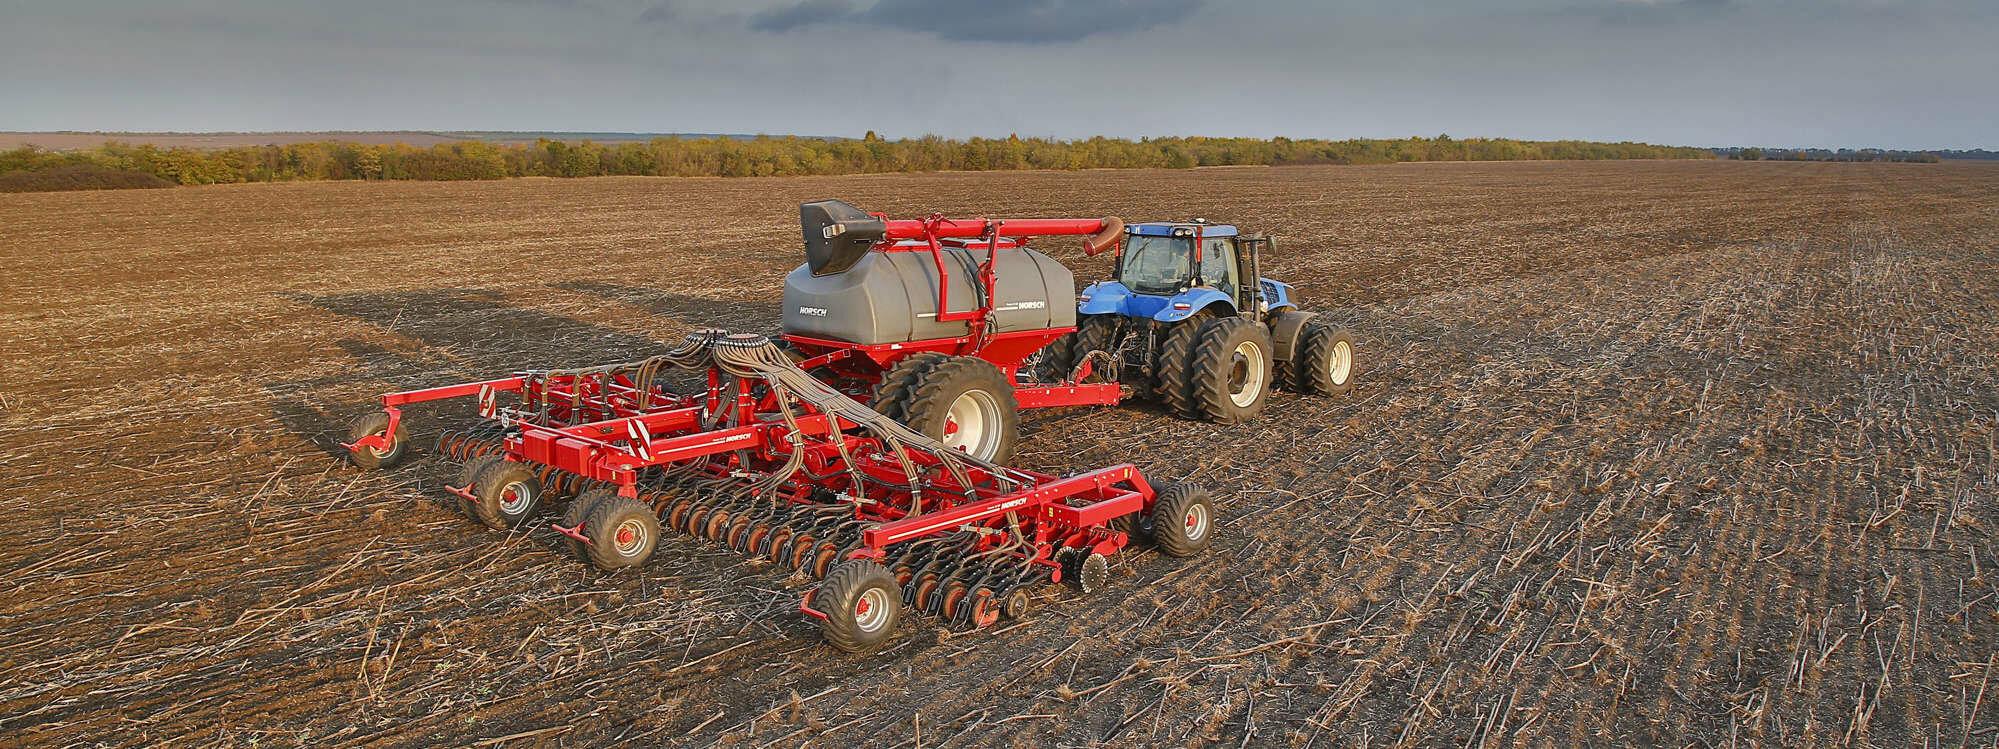 Трактор New Holland T8 410 потужністю 409к.с З сівалкою зерновою Horsch Pronto 12NT із продуктивністю - 200 га / добу. Найточніший контроль посіву, можливість посіву вдень і вночі, можливість посіву в бруд, в дощ.